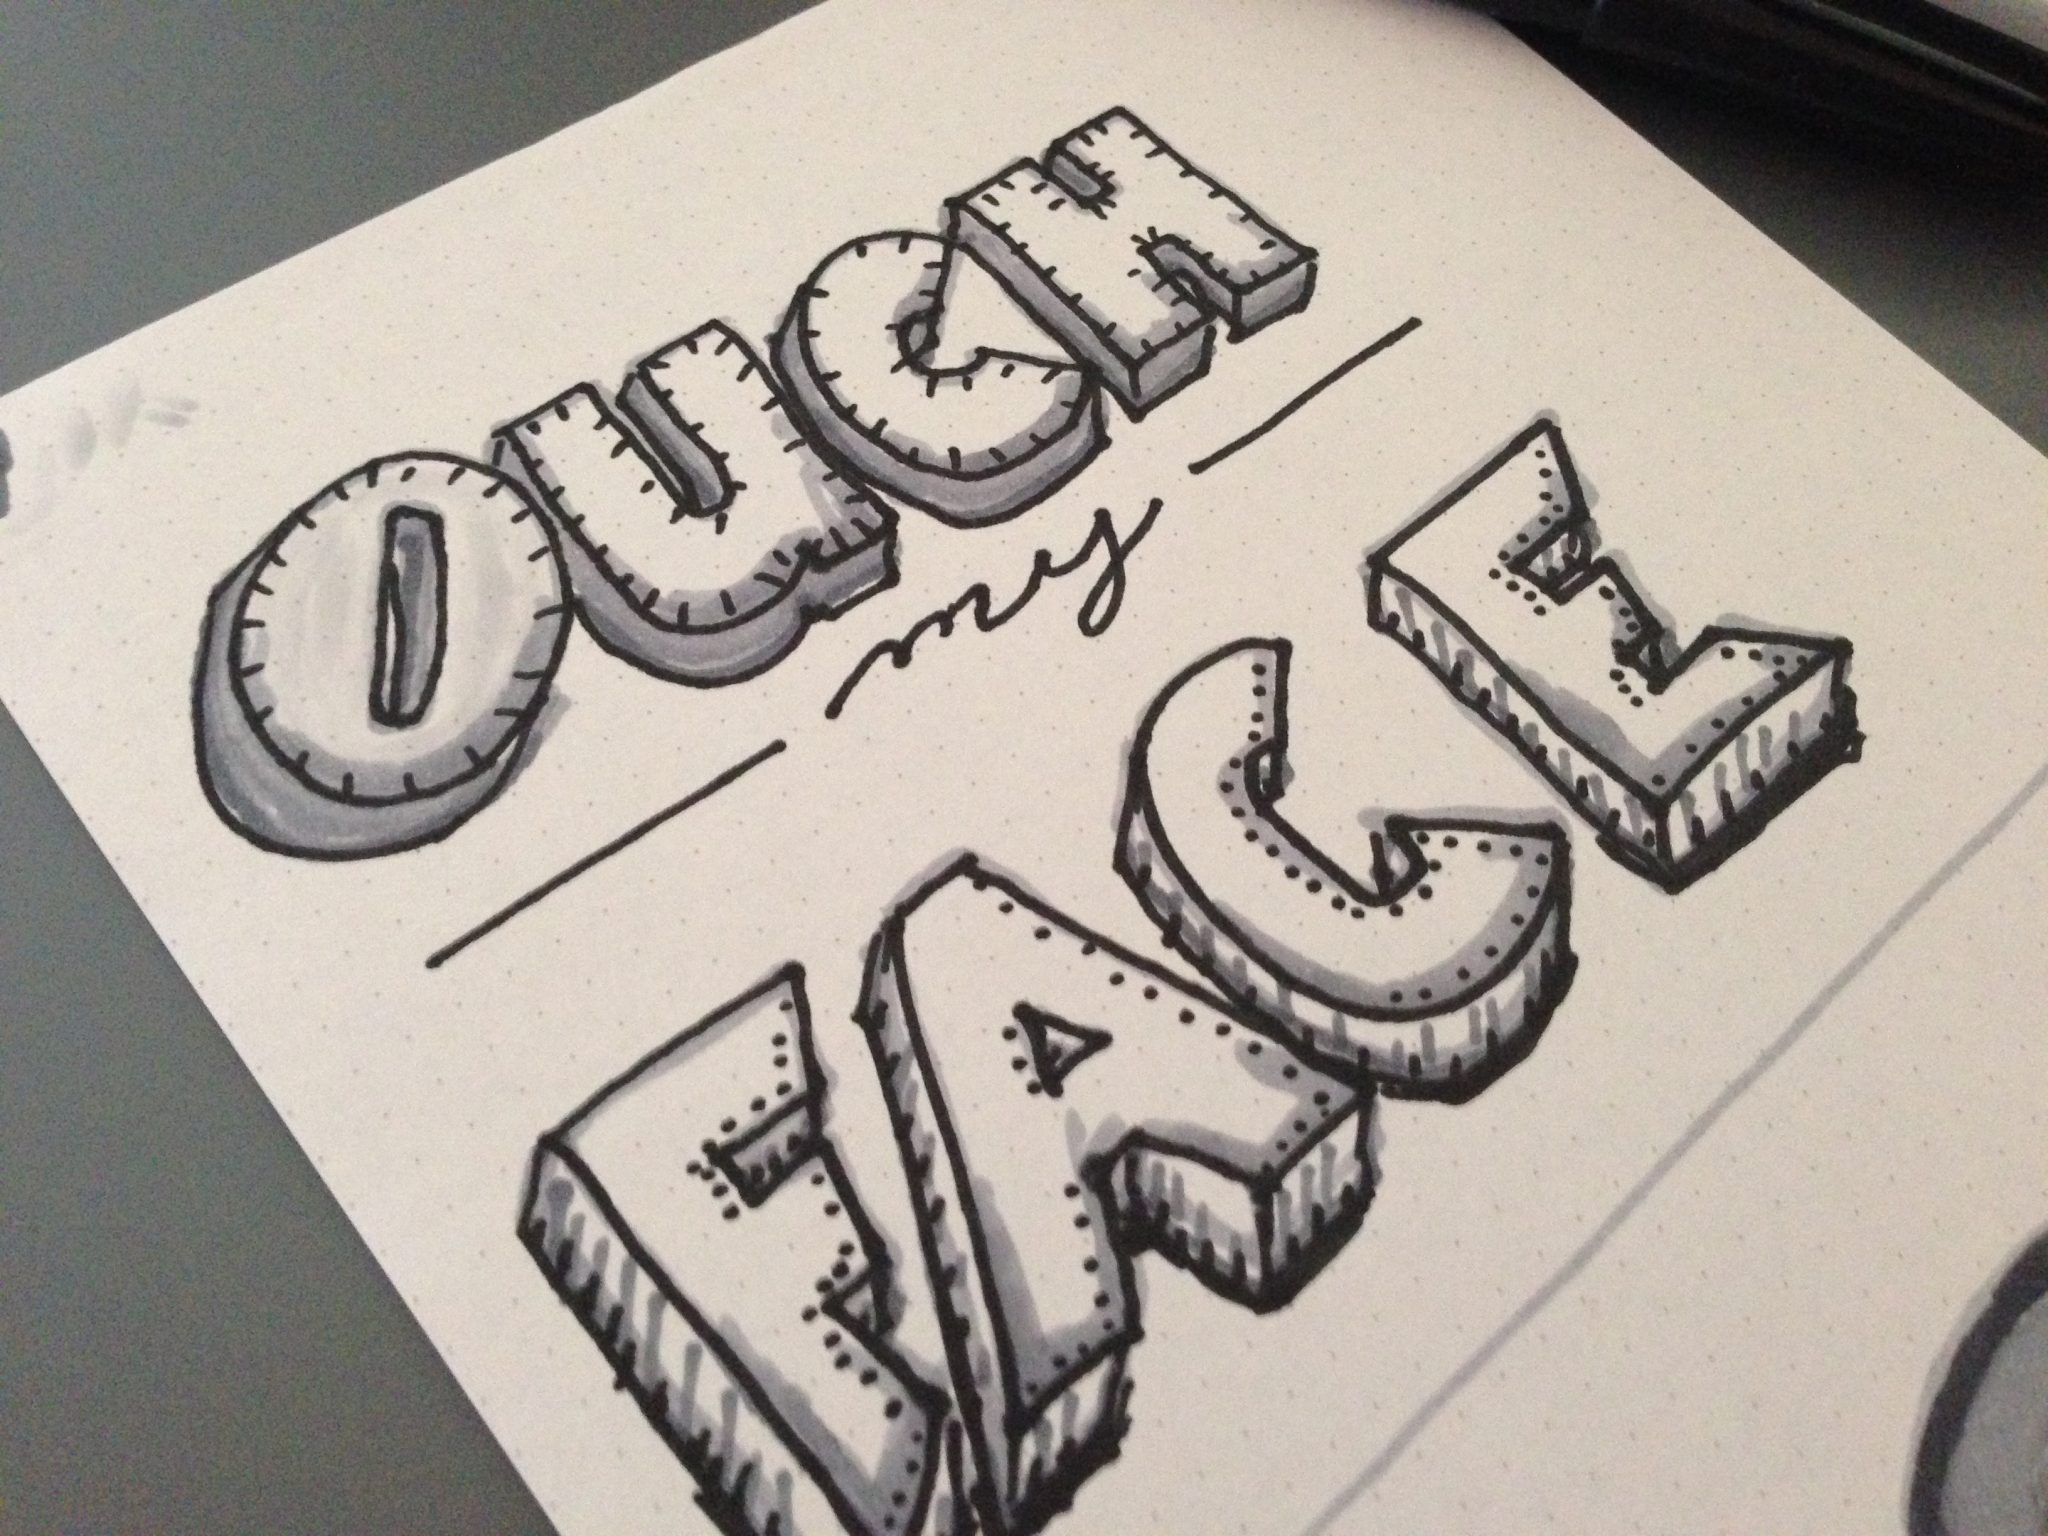 ouchMyFace.jpg